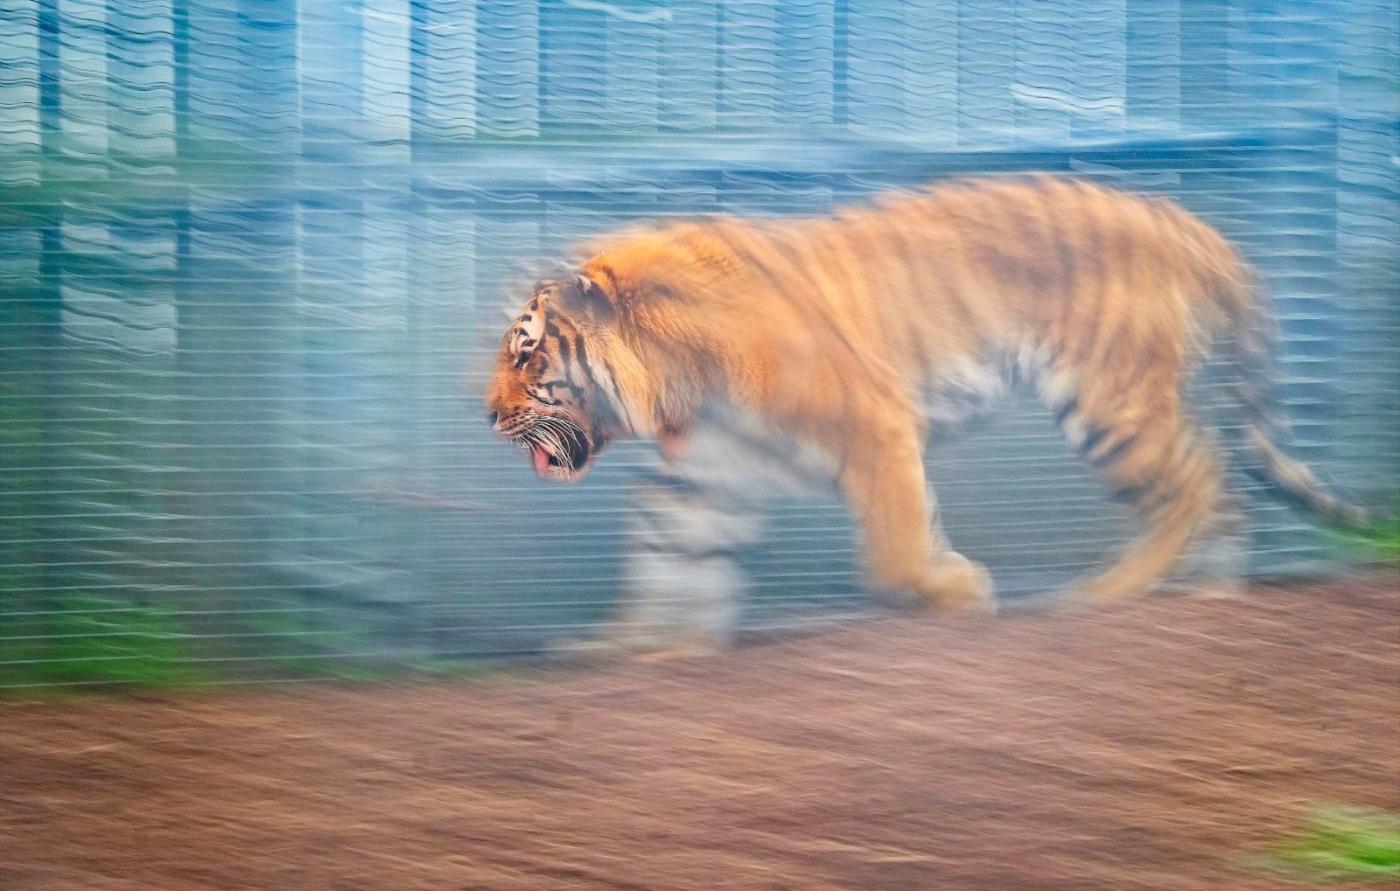 动物园拍虎记【心想事成】_图1-2